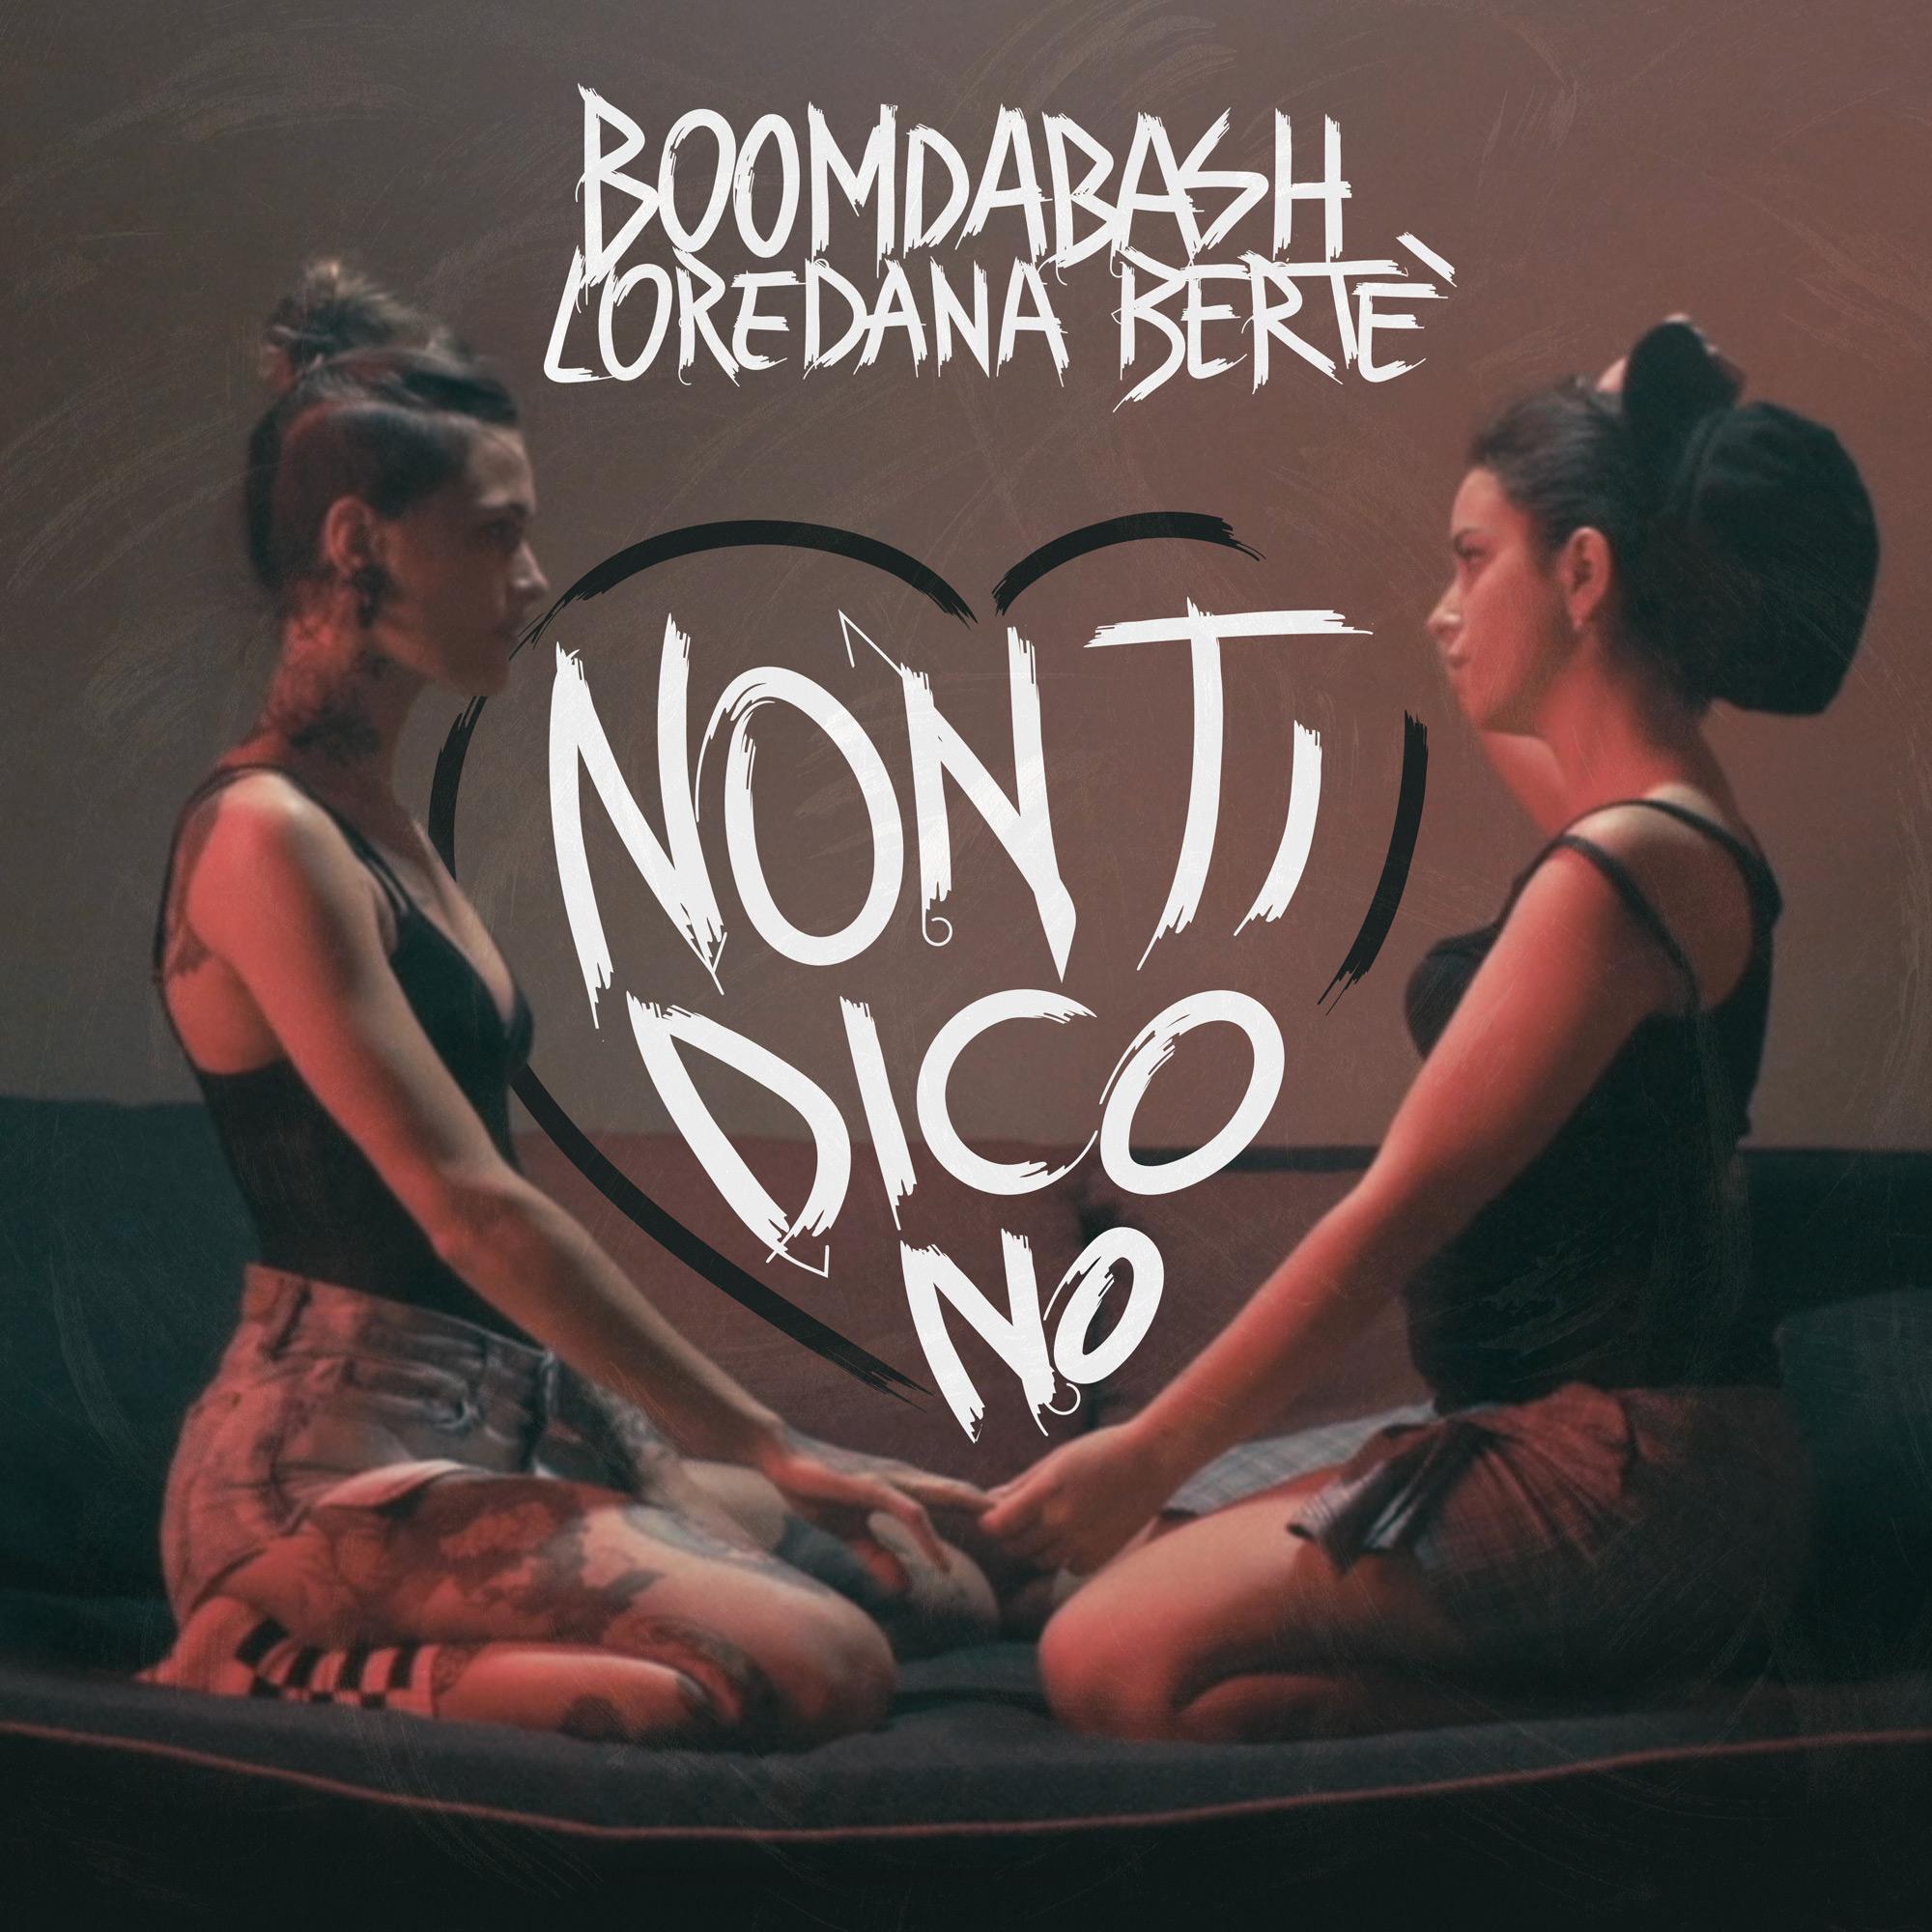 Non ti dico no - boomdabash e Loredana Bertè